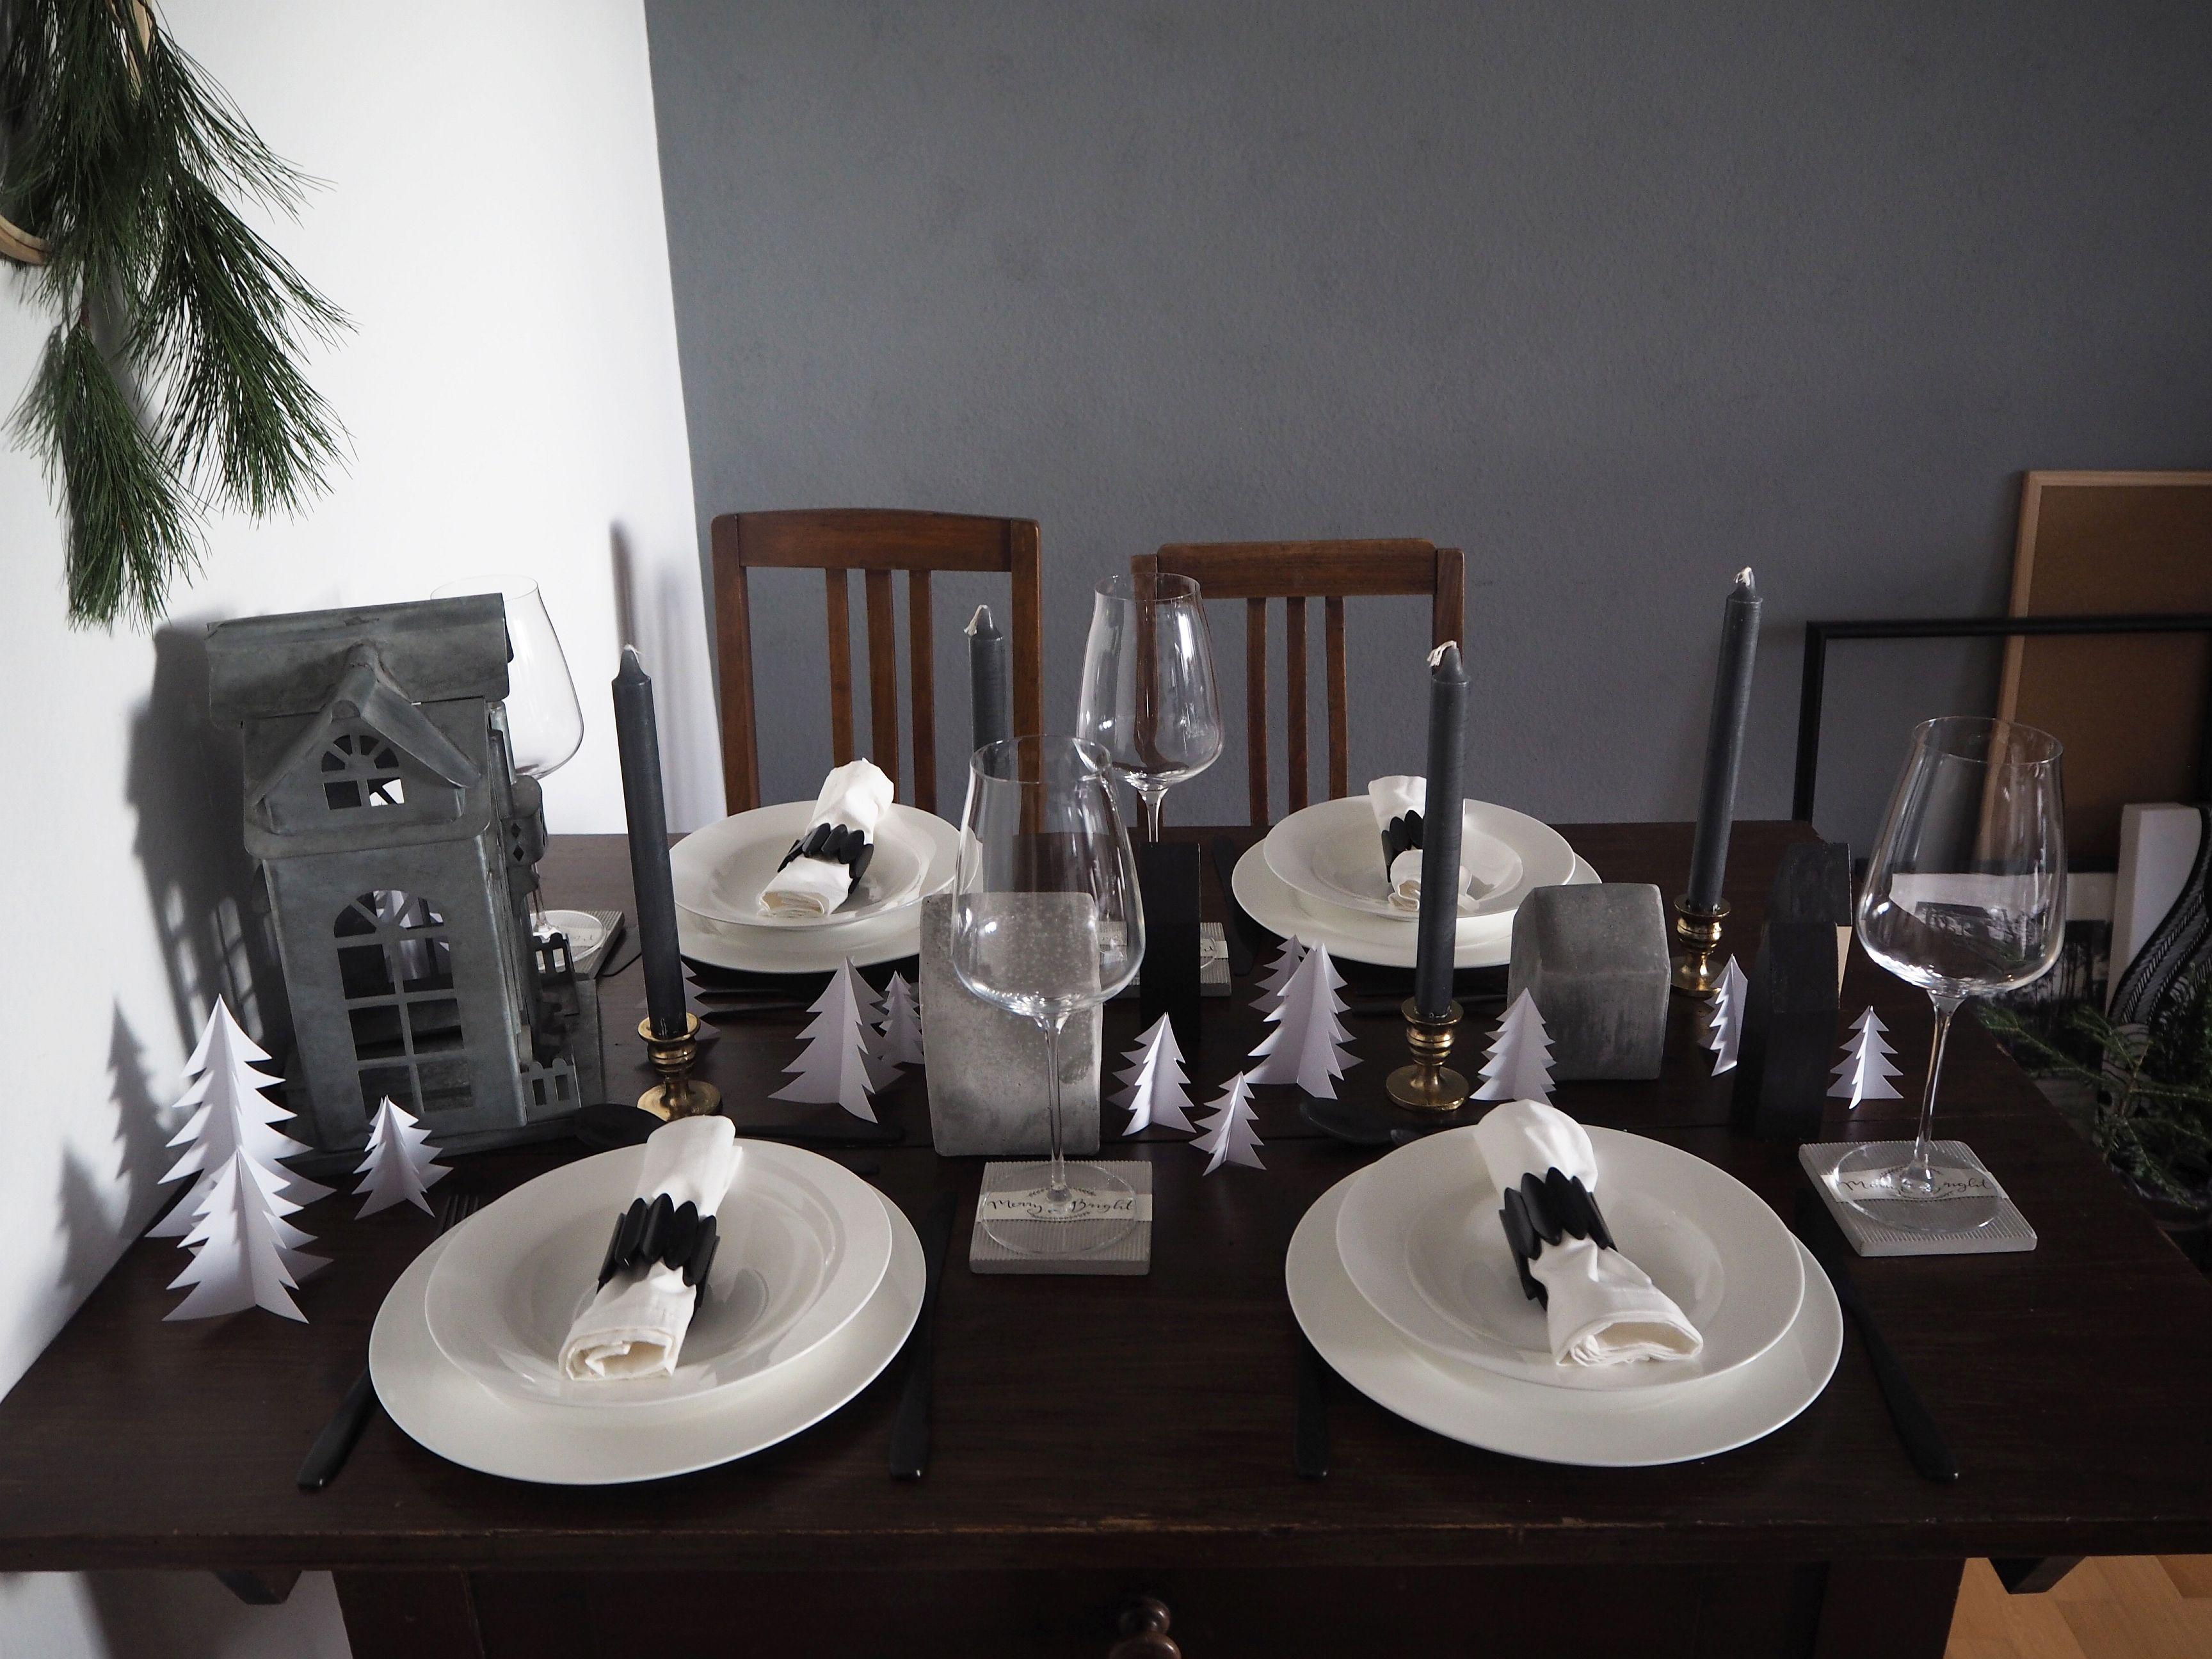 2017-12-skoen-och-kreativ-interior-tischdeko-weihnachtliche-winterlandschaft-tisch-grau (4)